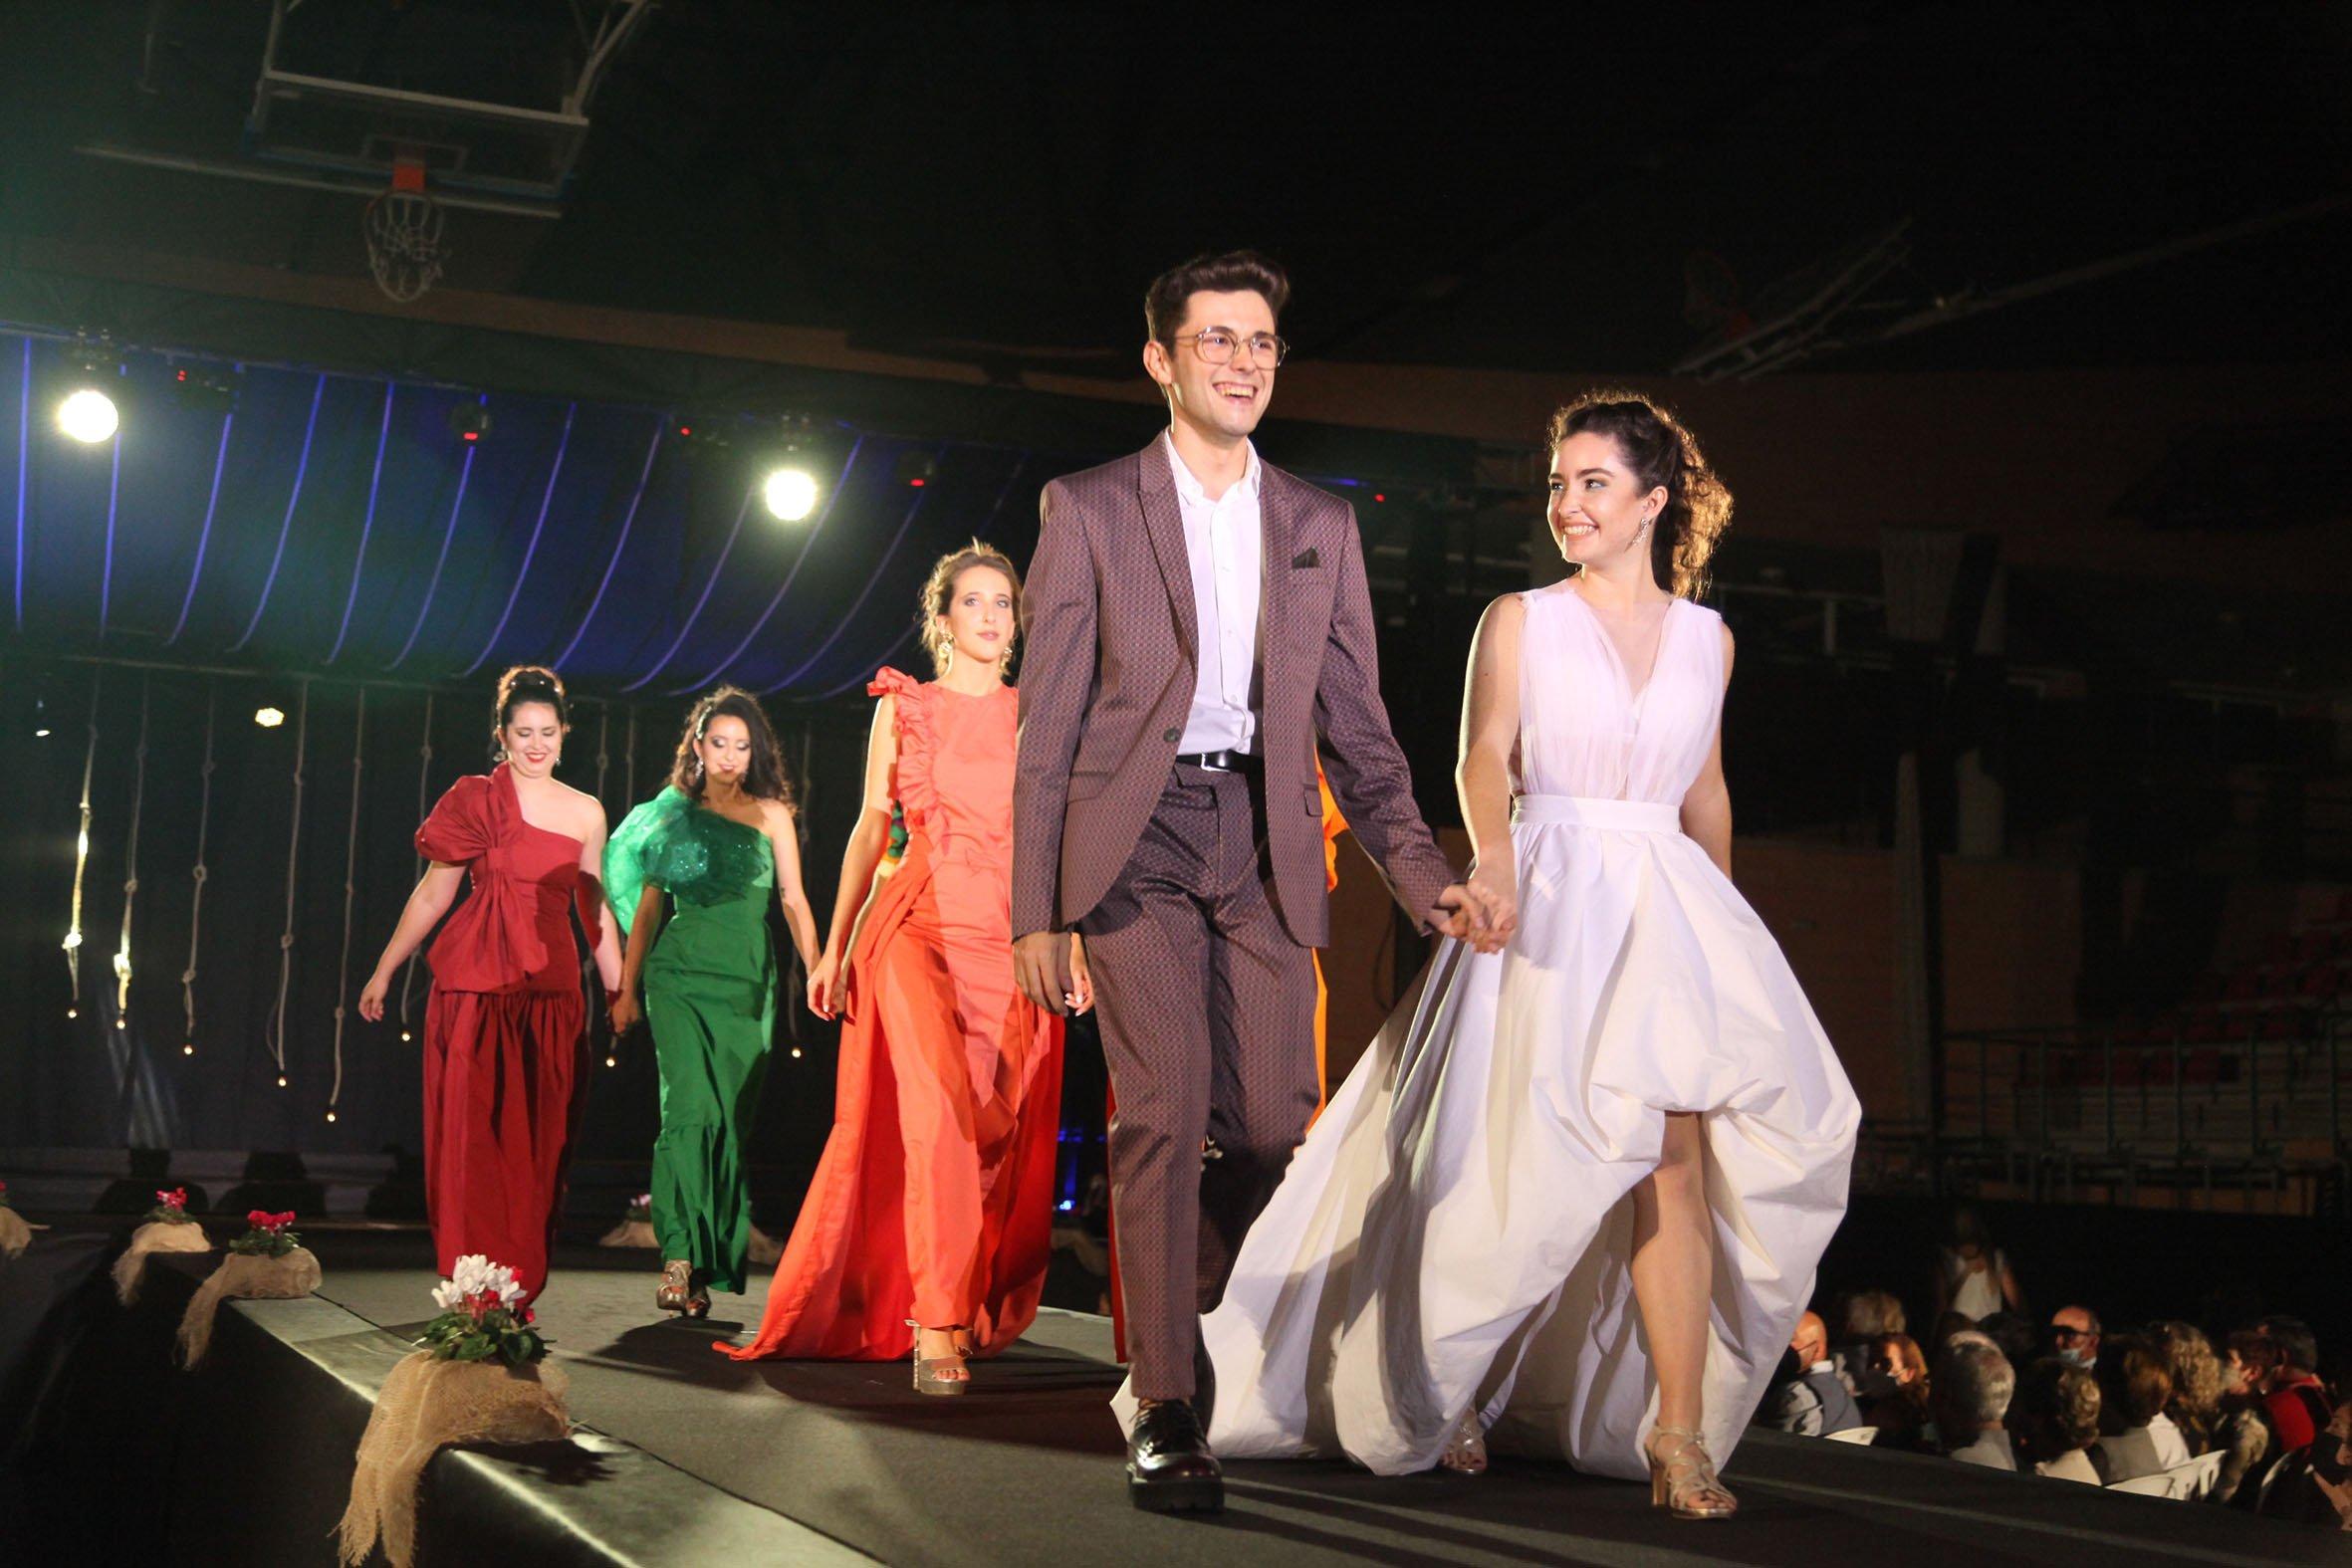 Desfile de moda en el acto de elección de reina, damas y presidentes 2022